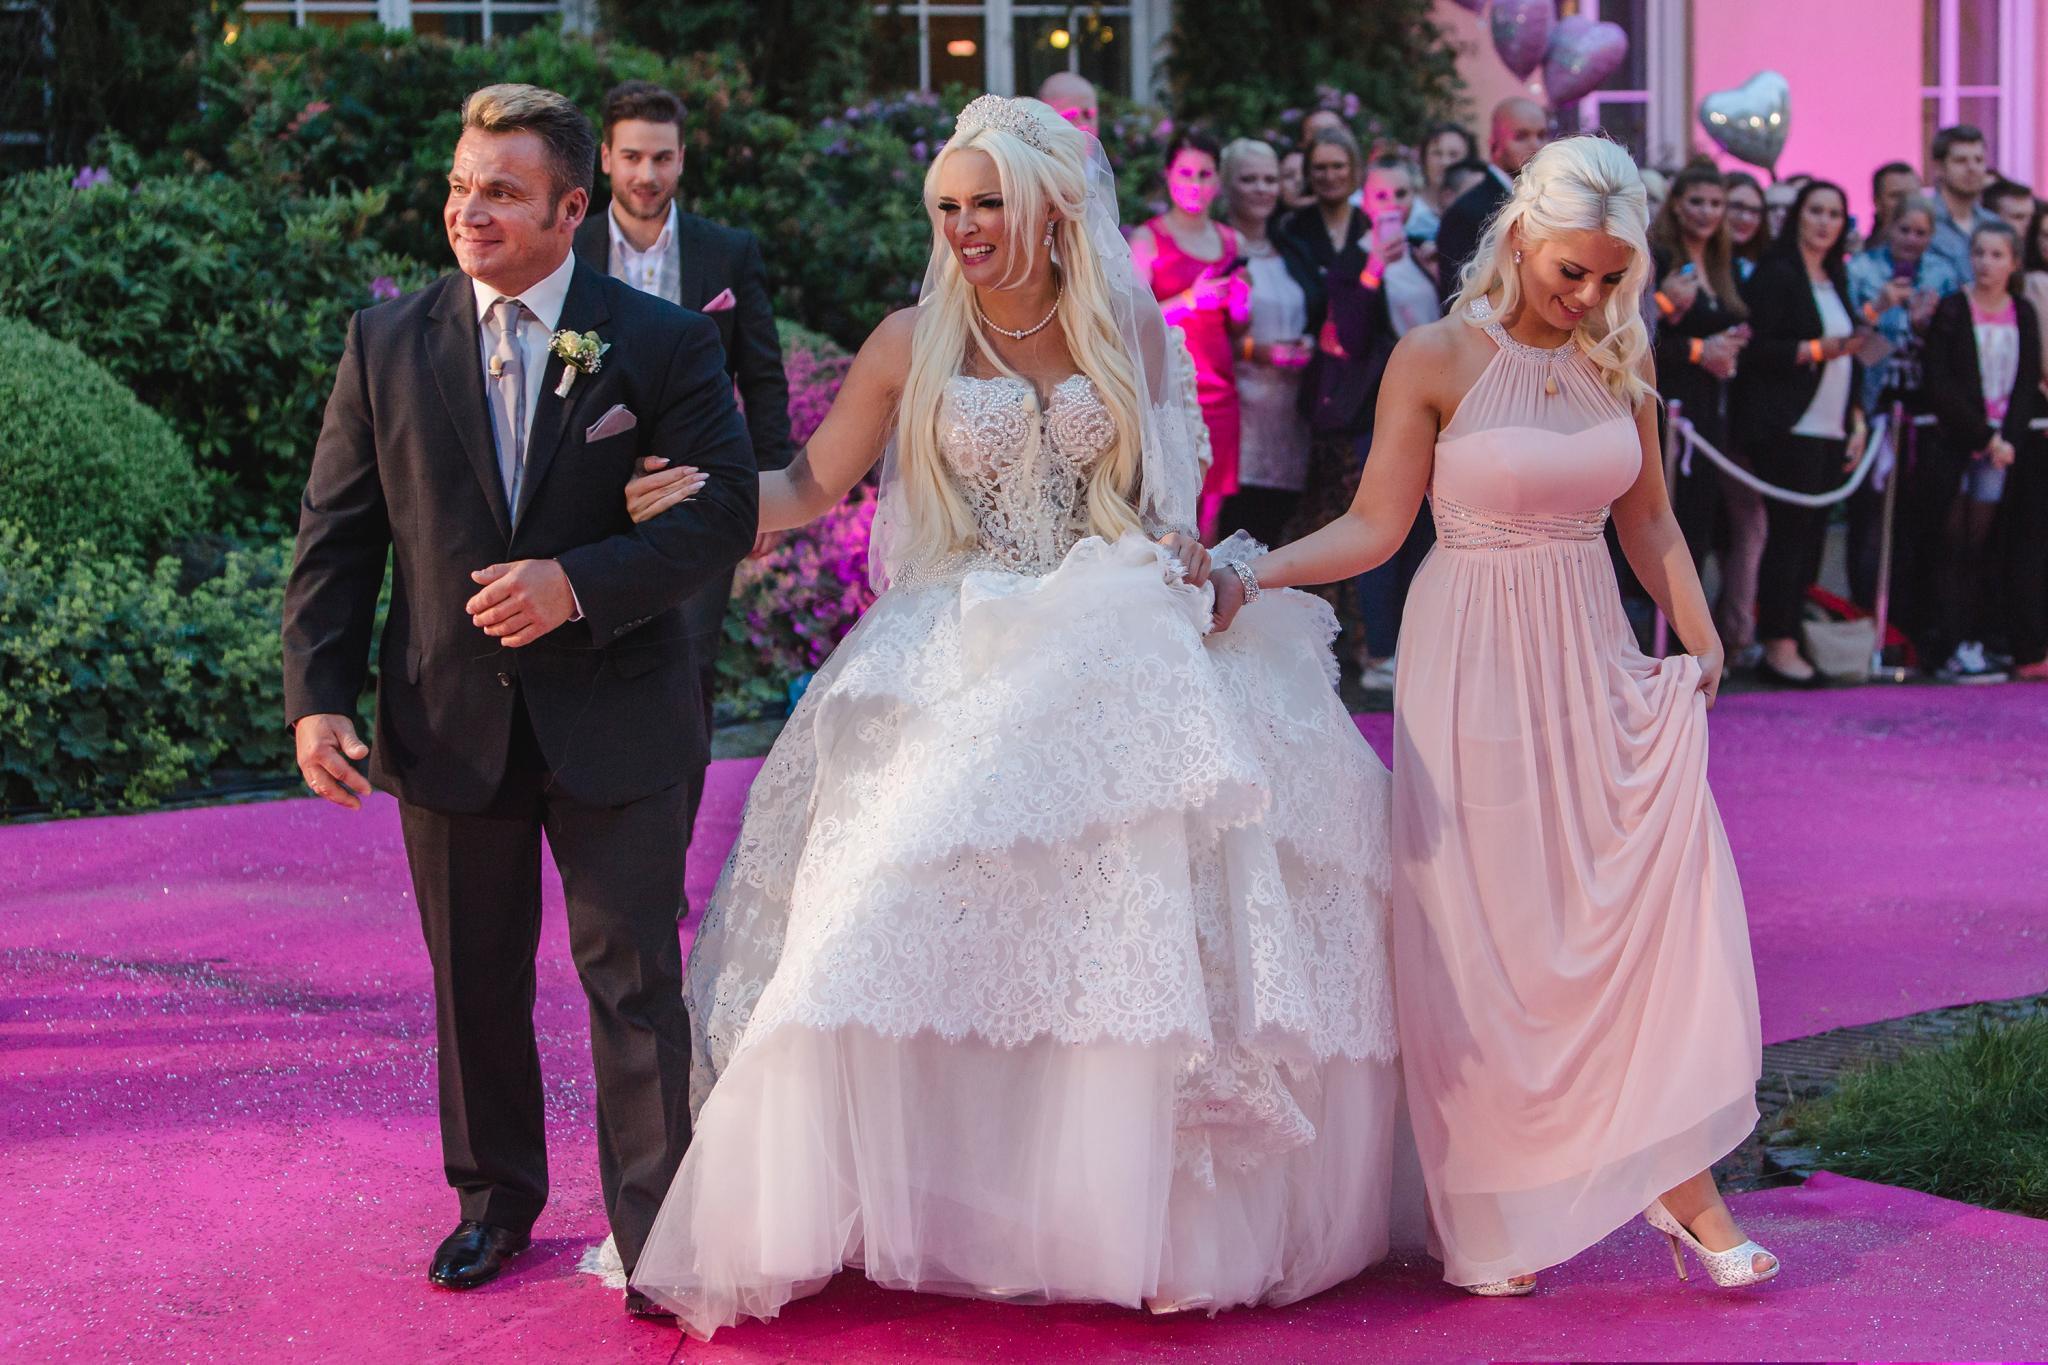 Special: Daniela Katzenberger + Lucas Im Hochzeitsfieber